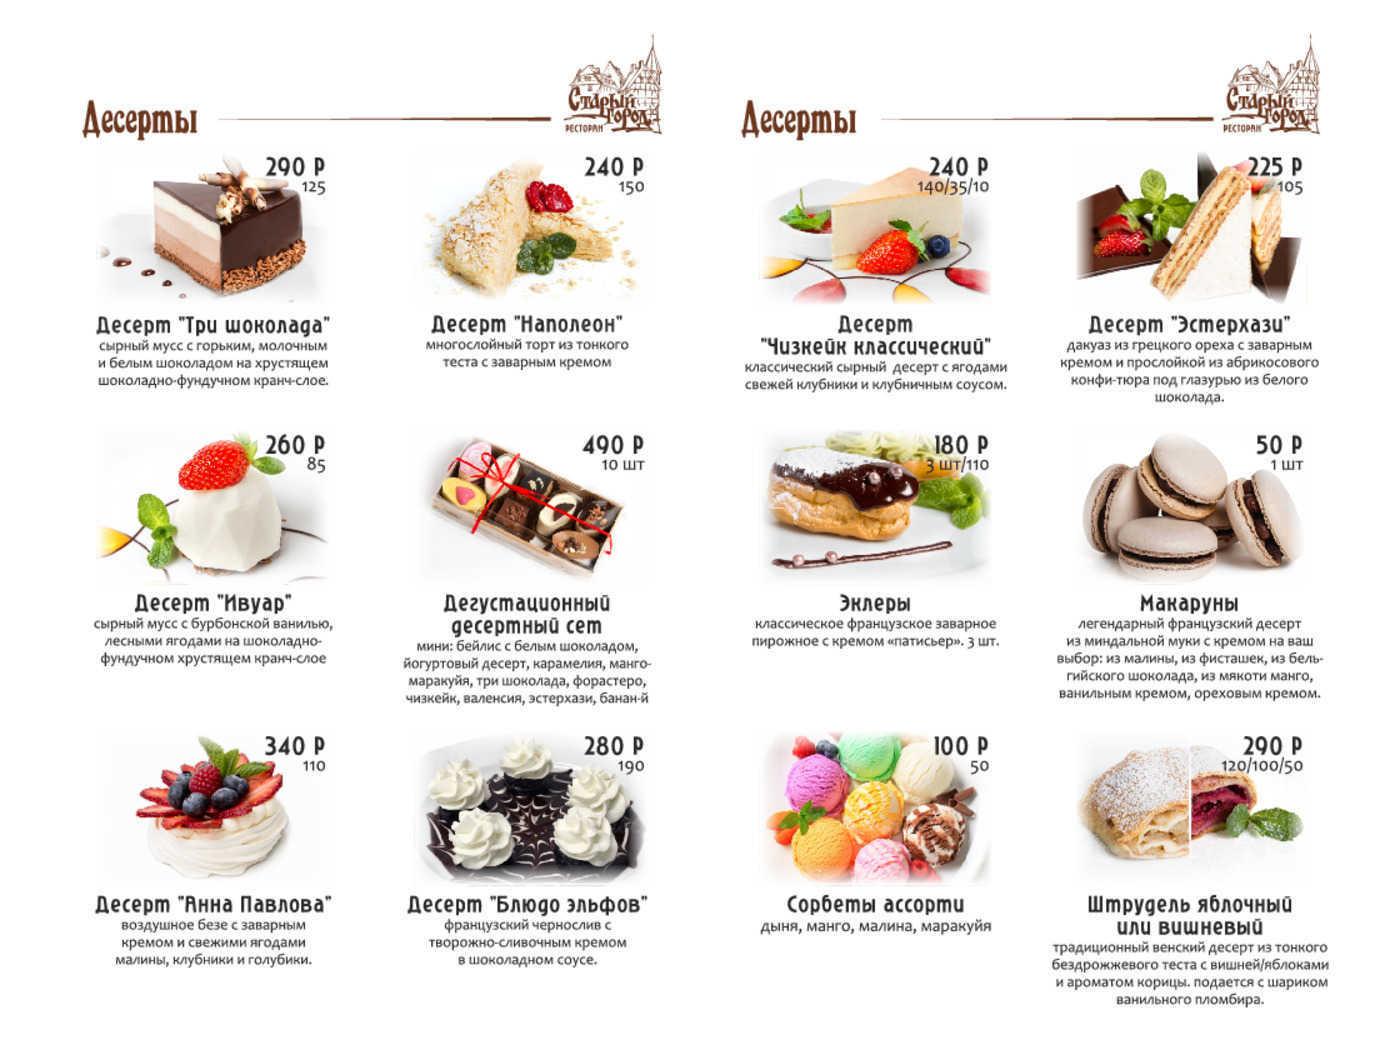 дом меню ресторана с фотографиями десертов жалко